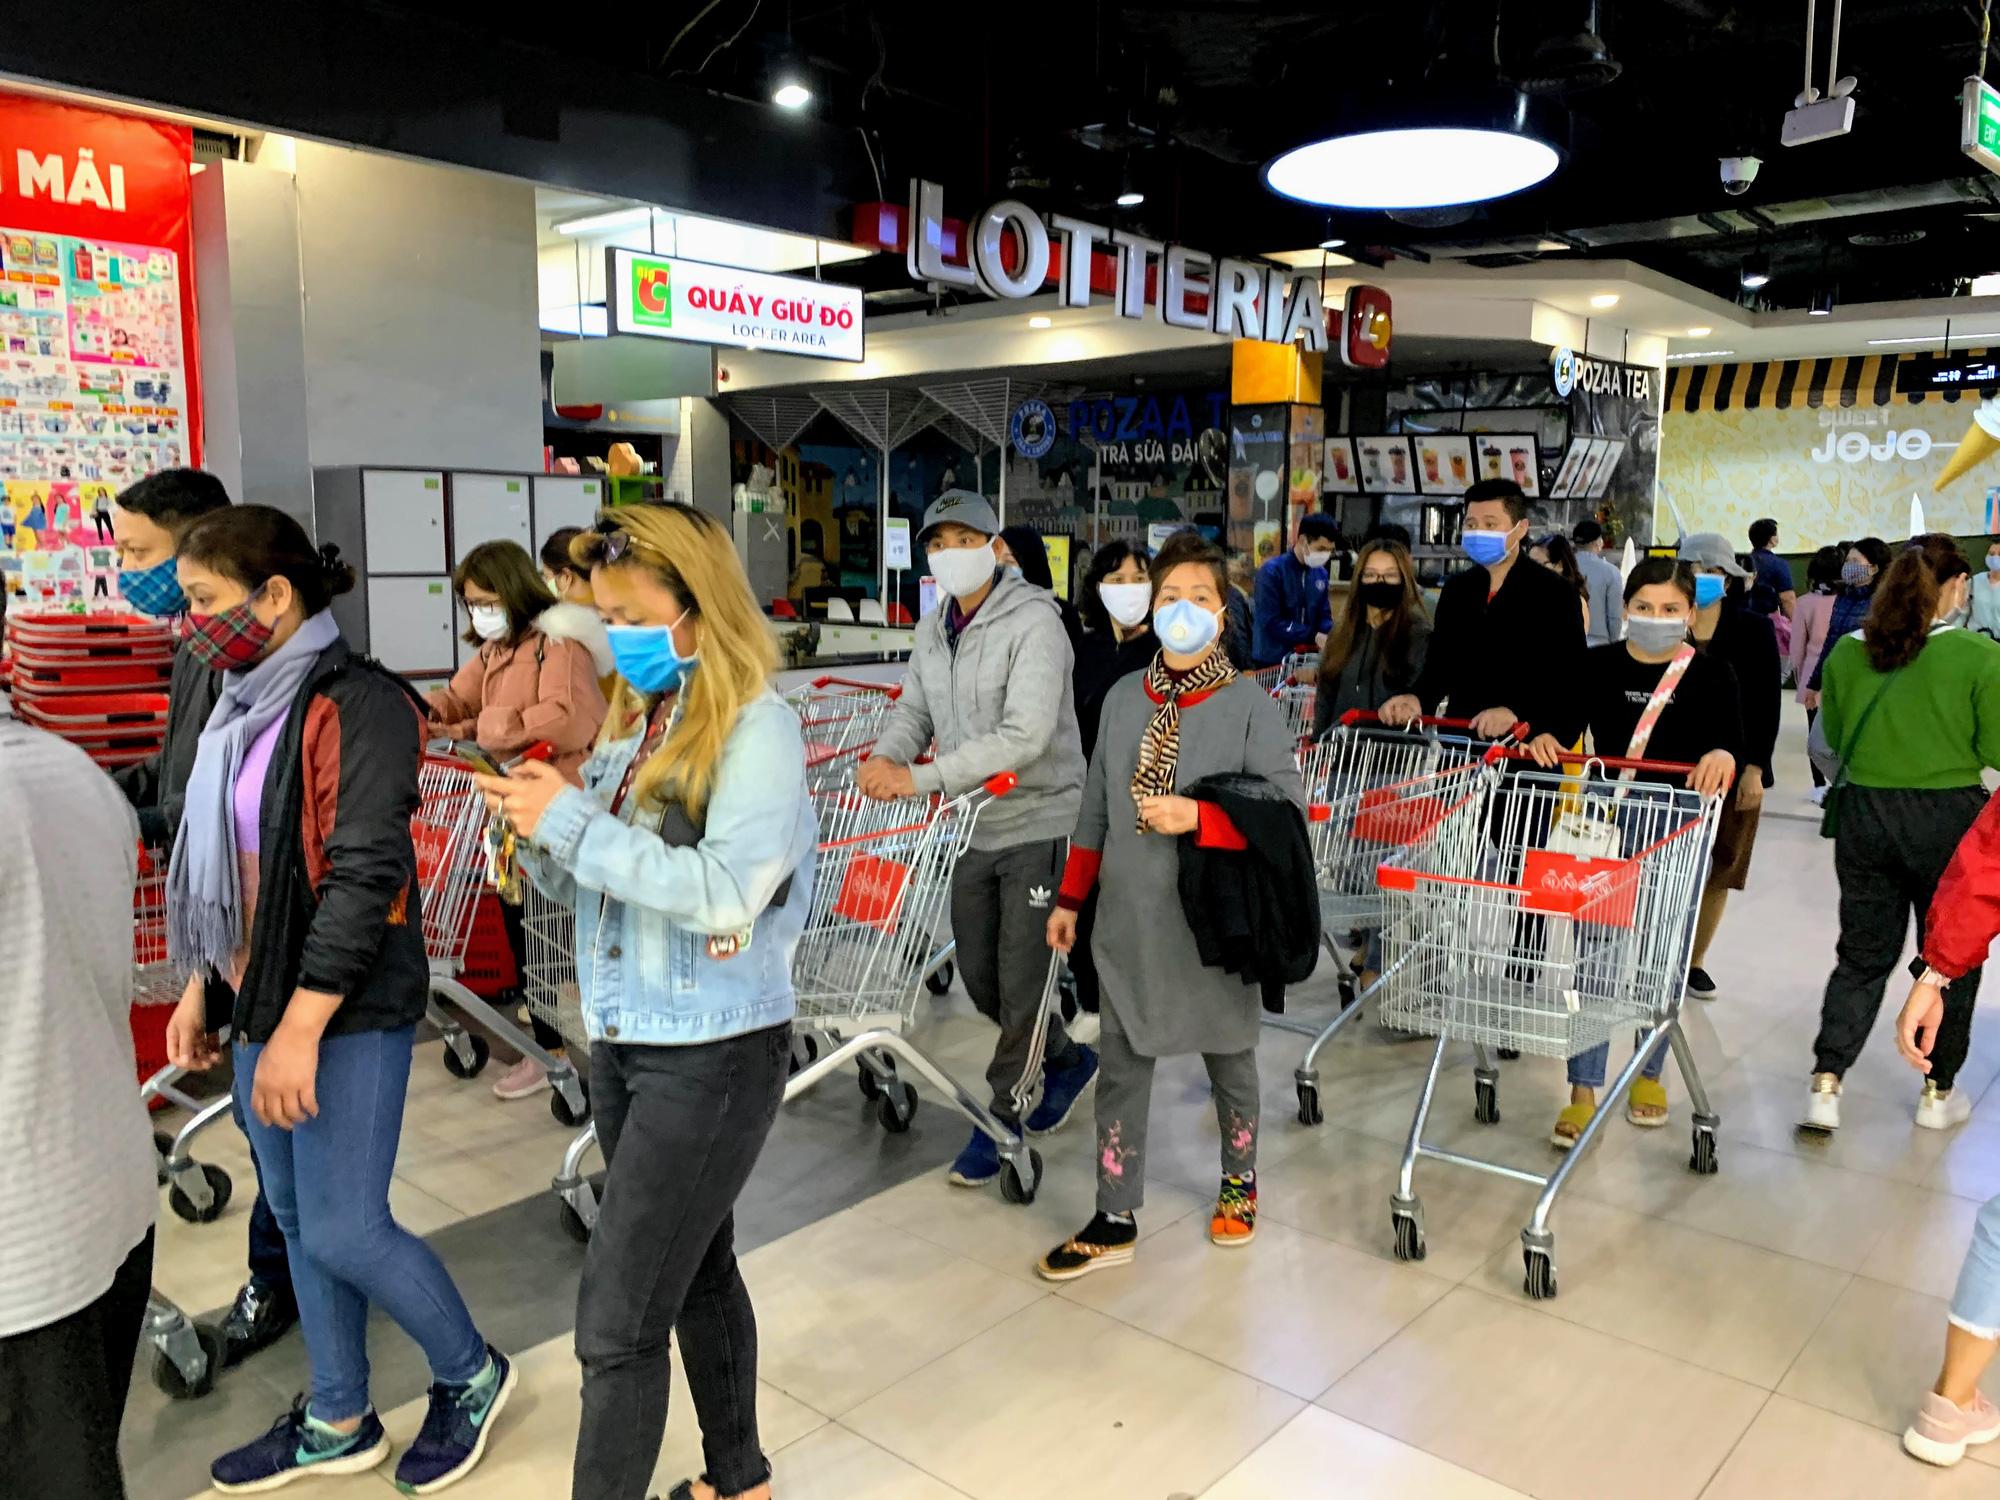 Người Hà Nội kéo đi mua hàng chuẩn bị cho những ngày cách li, nhân viên siêu thị làm việc mỏi tay vẫn không xuể - Ảnh 1.